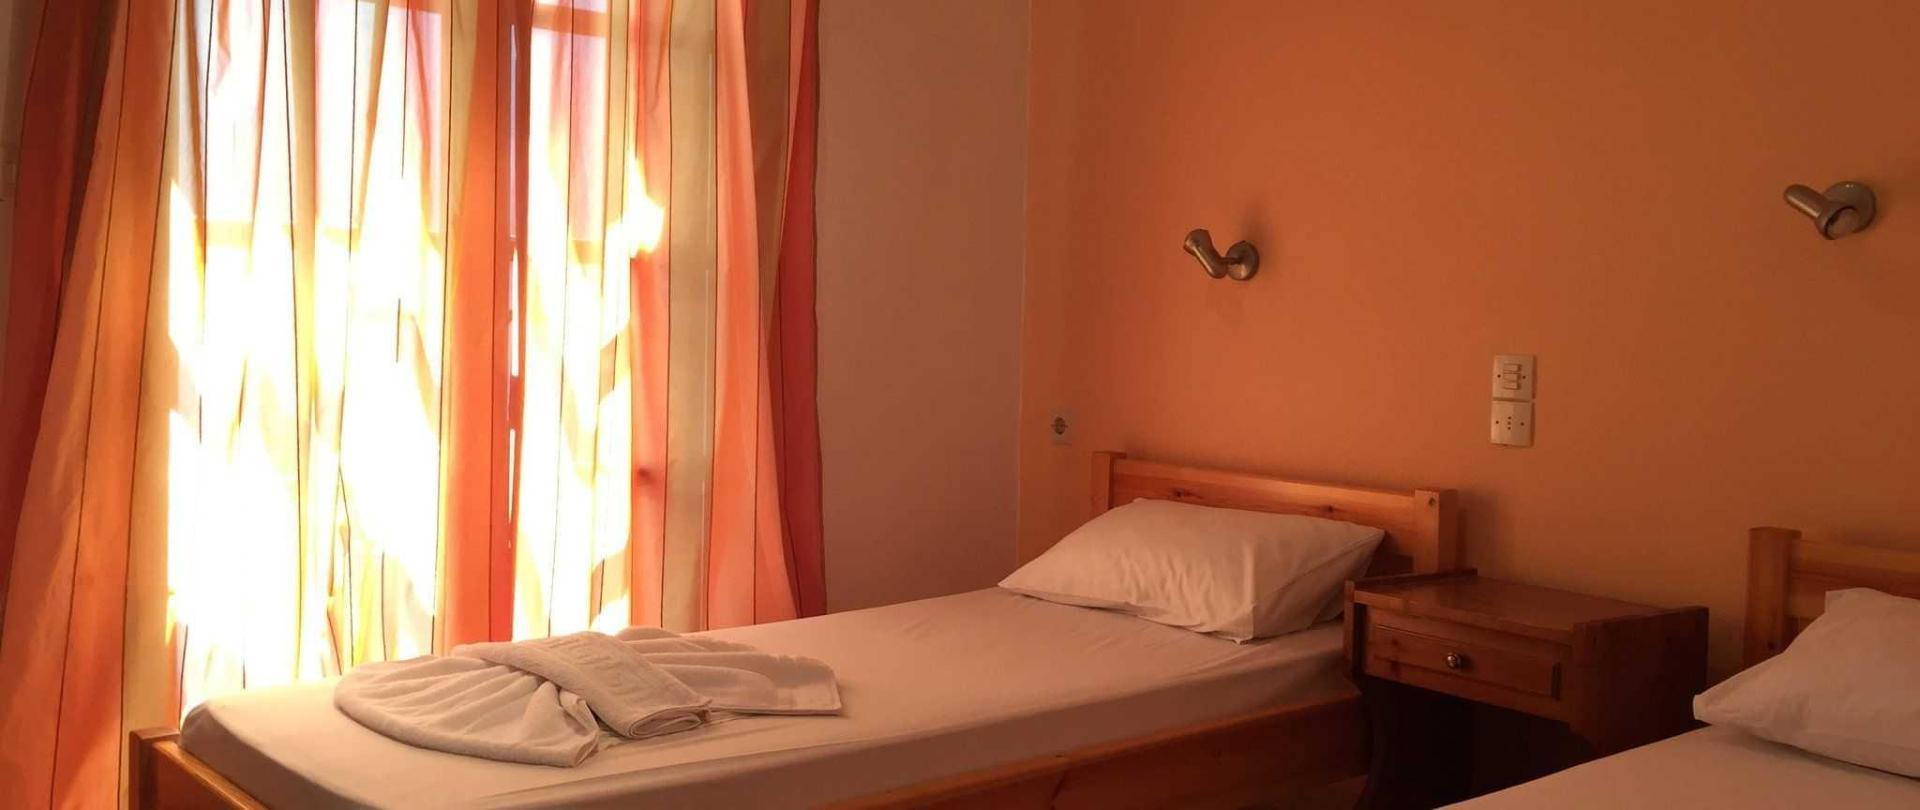 2 bedroom apart